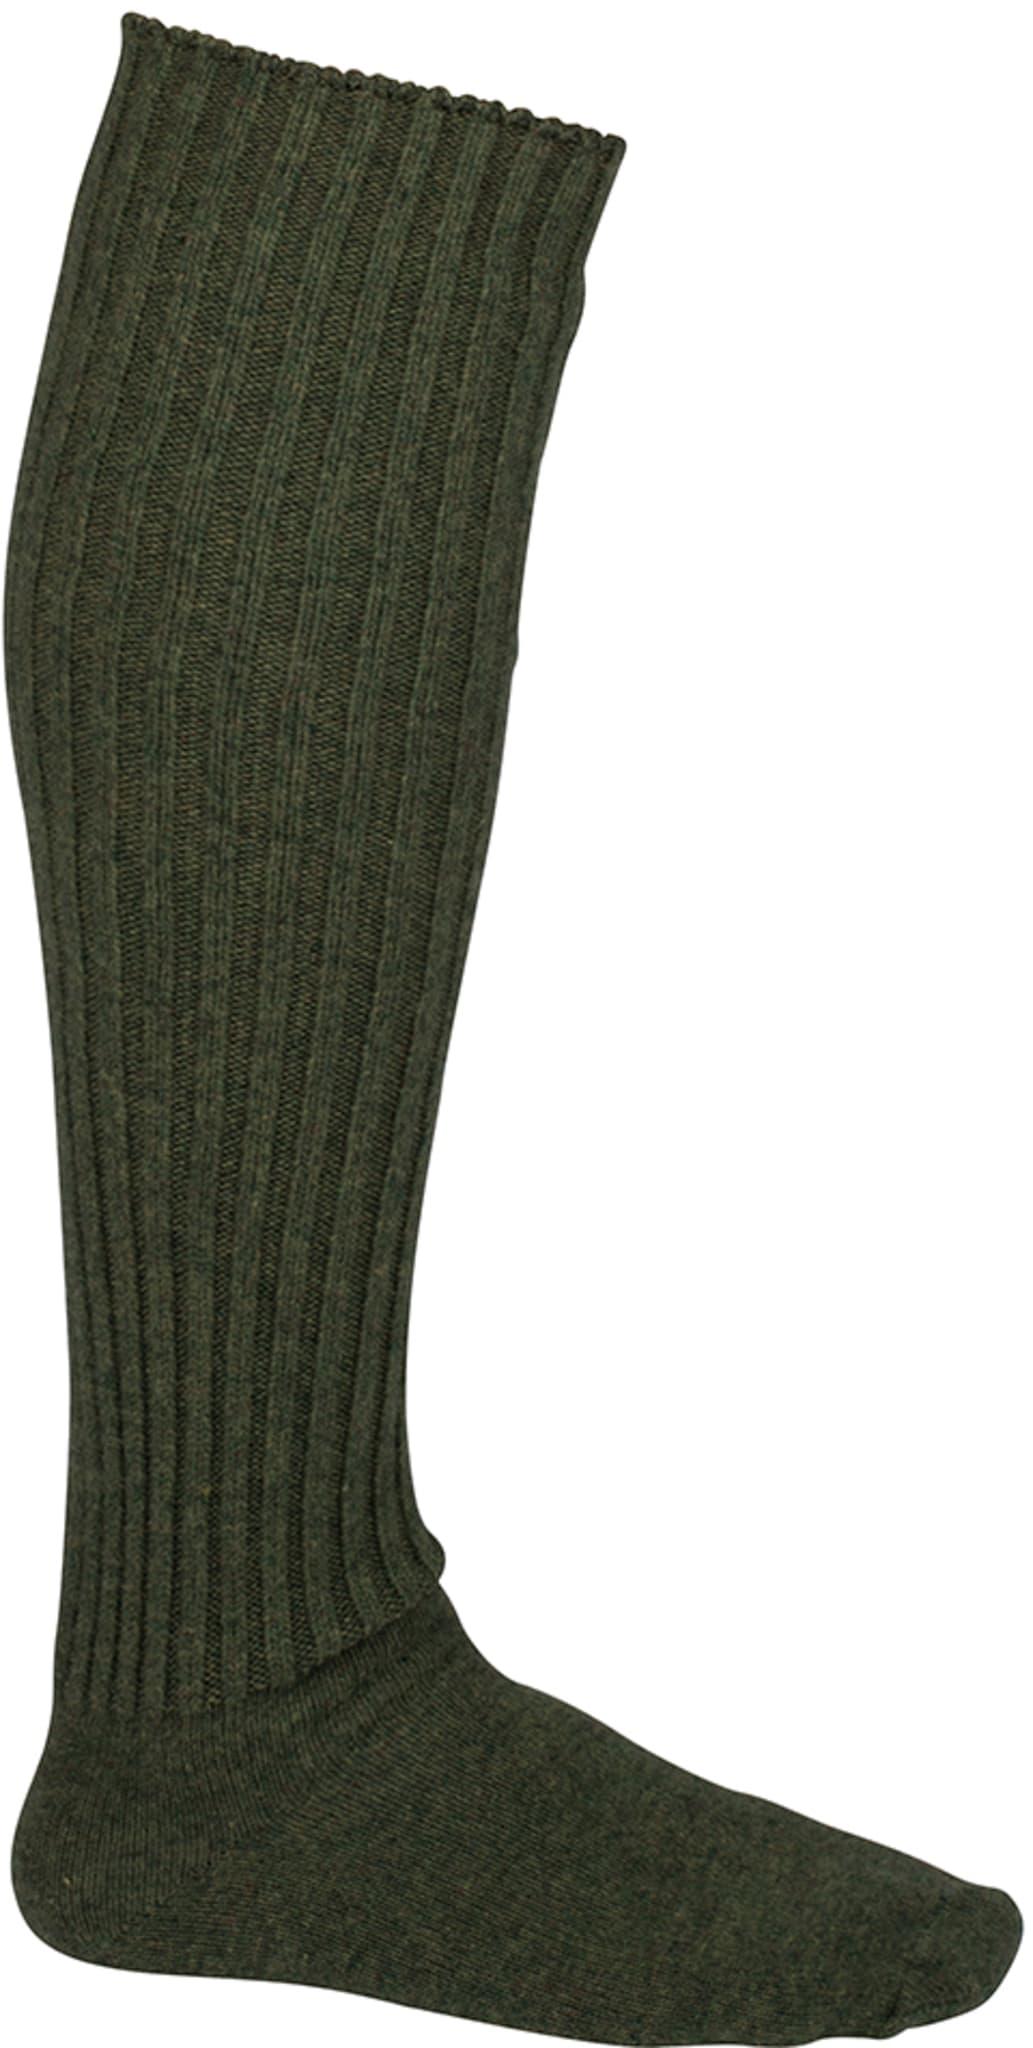 Ingen nikkers er komplett uten nikkers-sokker!